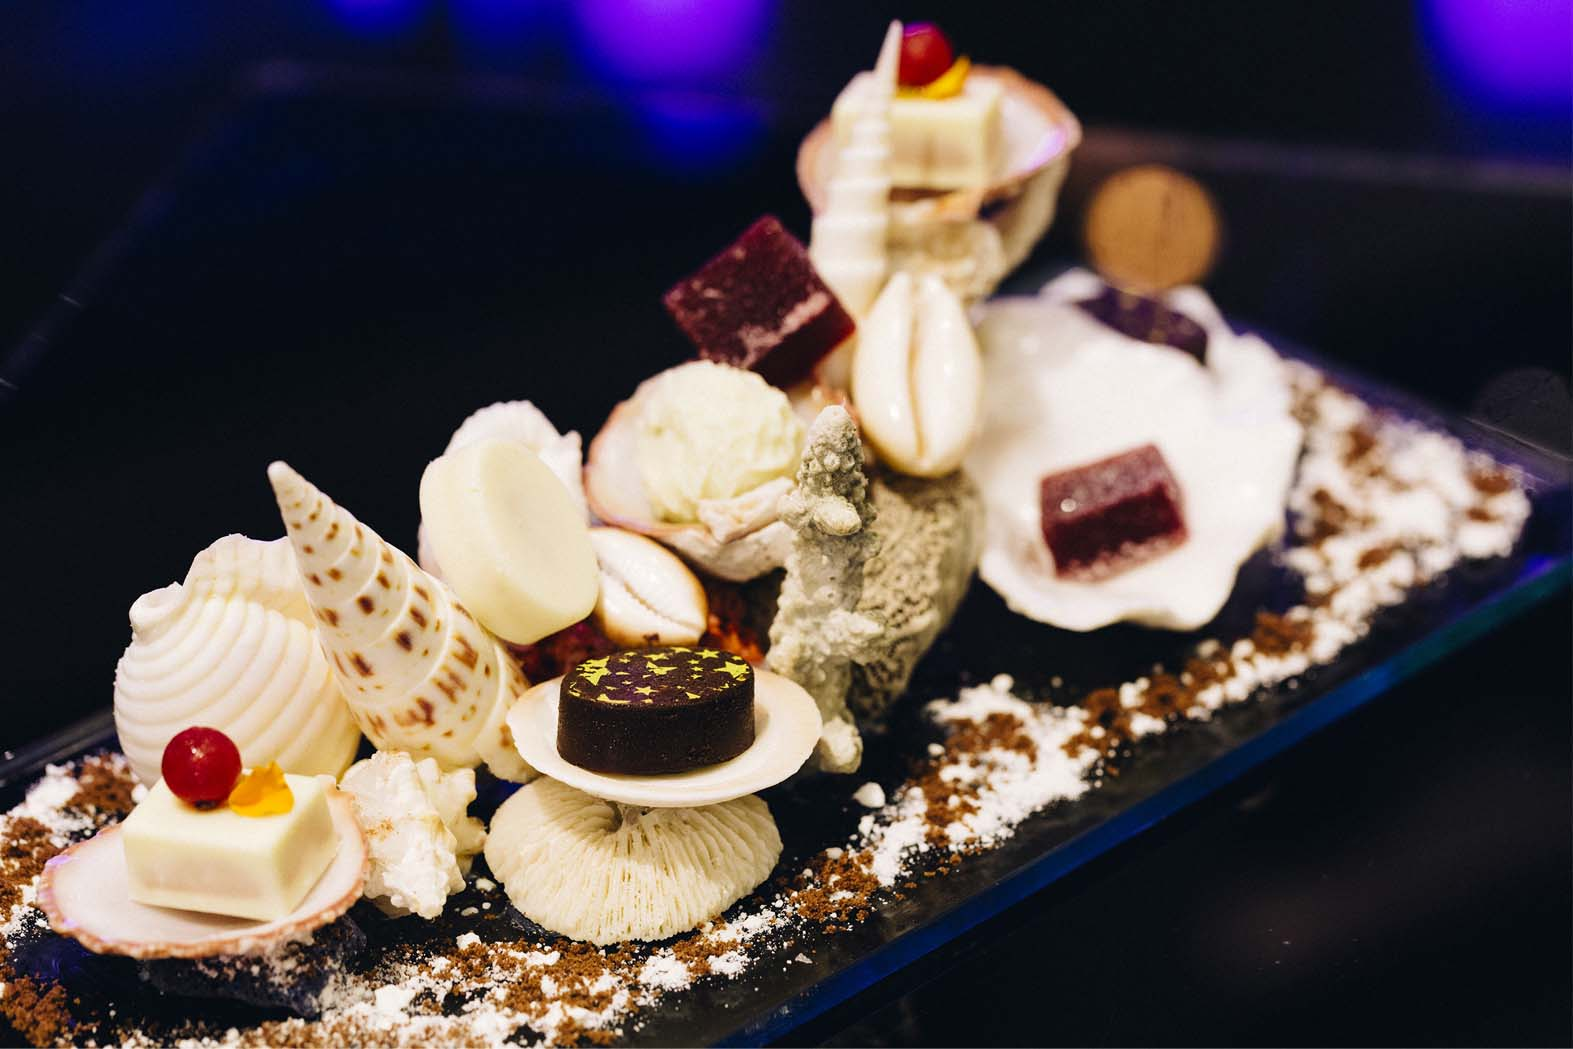 Fantastic Desserts Available at Niyama